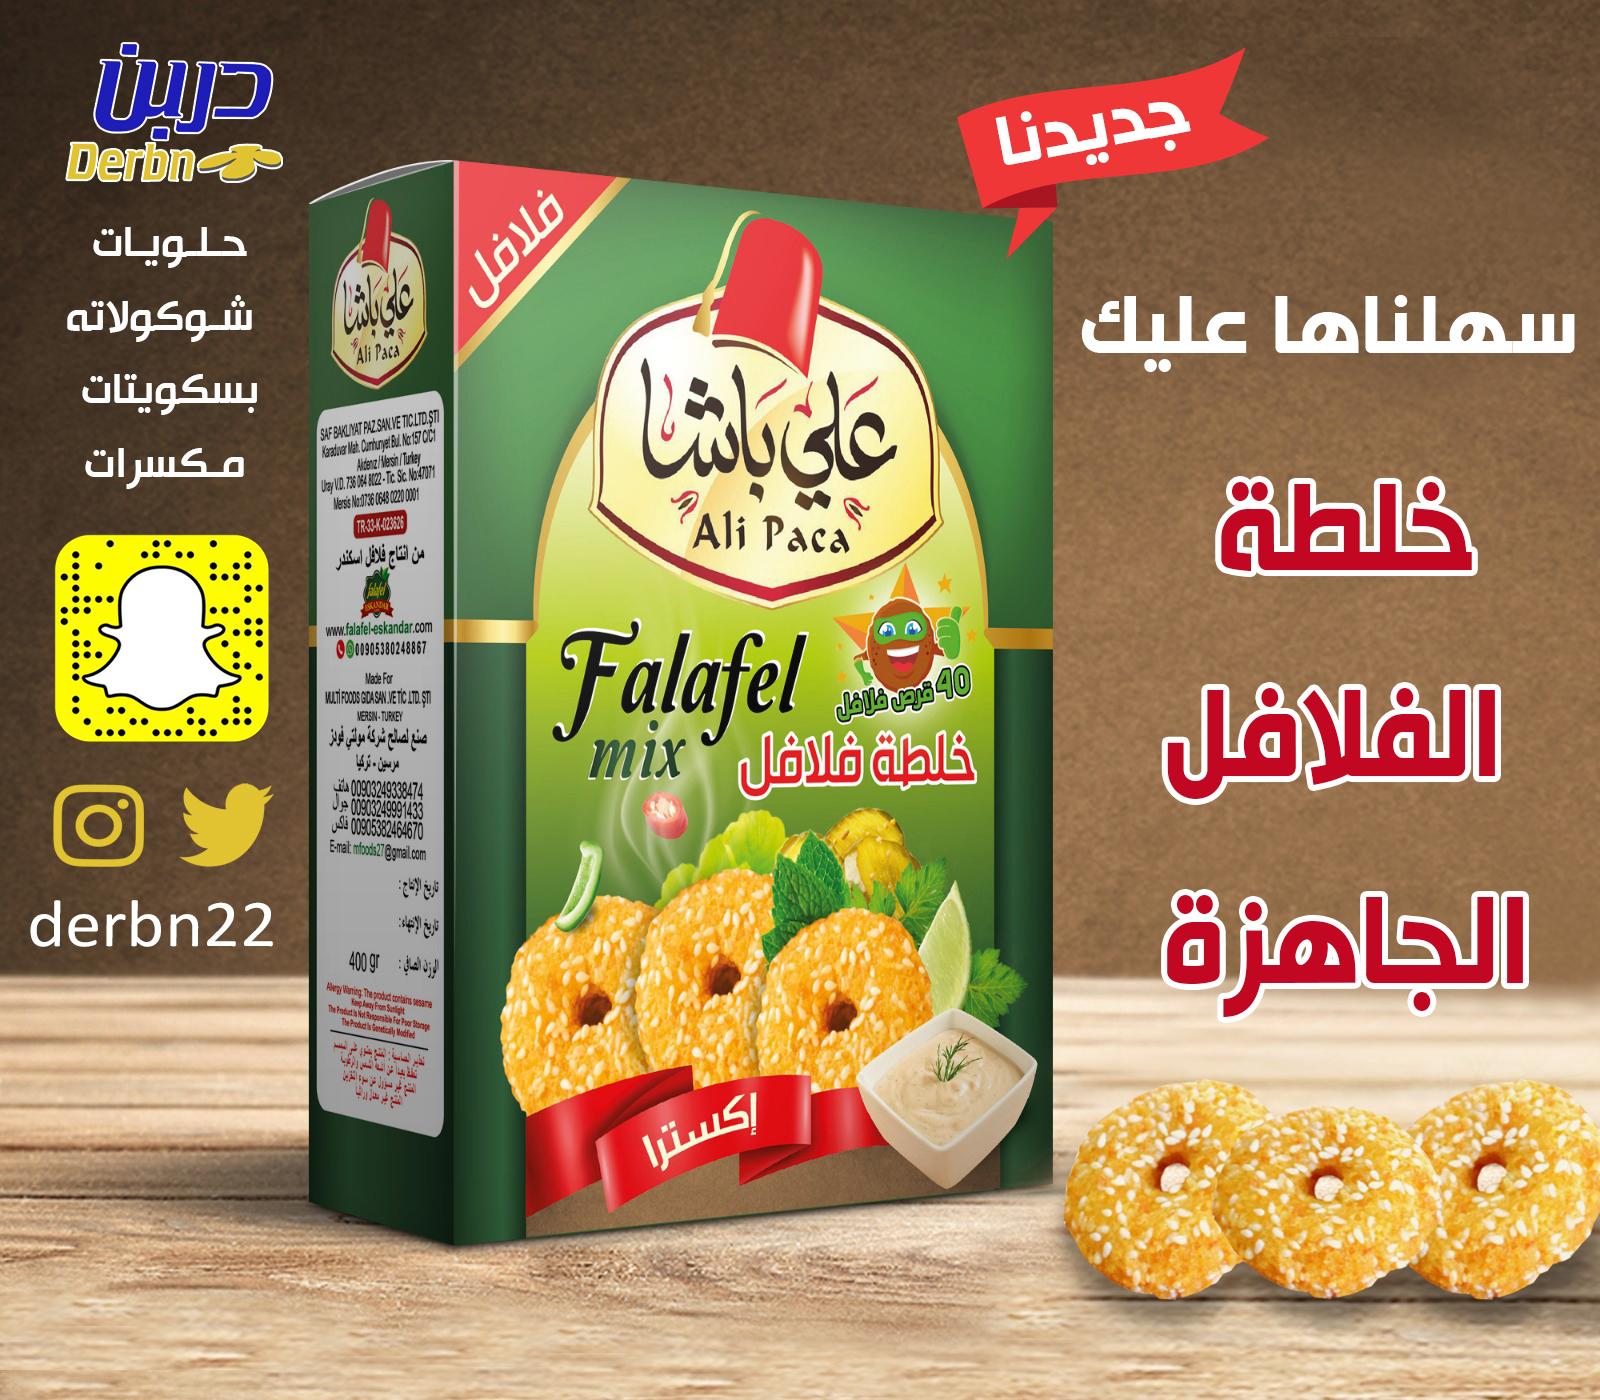 إعلانات كتابة اعلان عن منتج غذائي